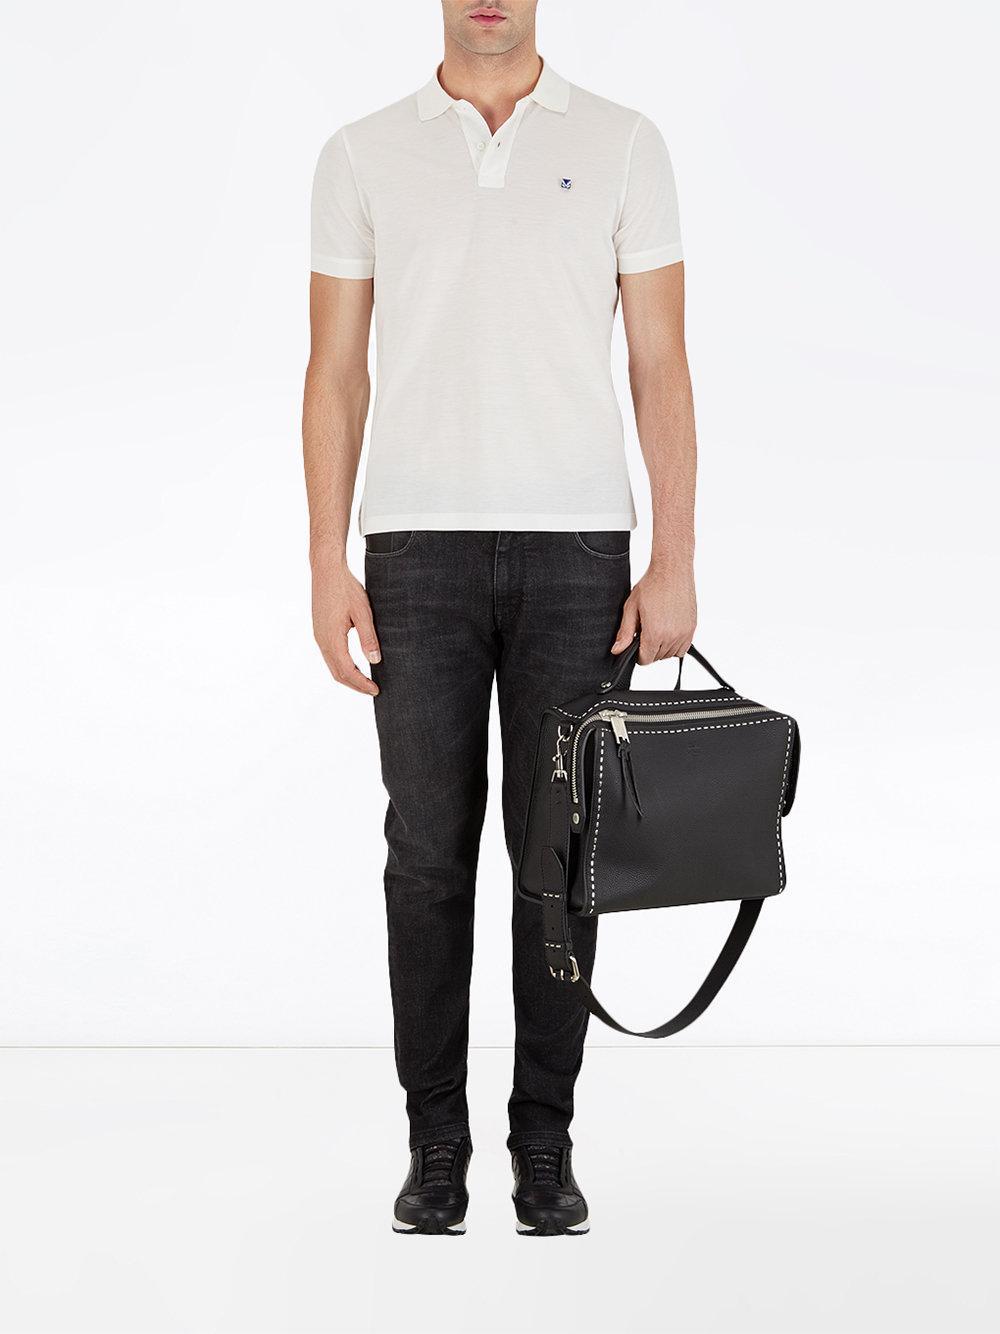 Lyst - Sac Peekaboo à détail de couture Fendi pour homme en coloris Noir dfeb10582b8